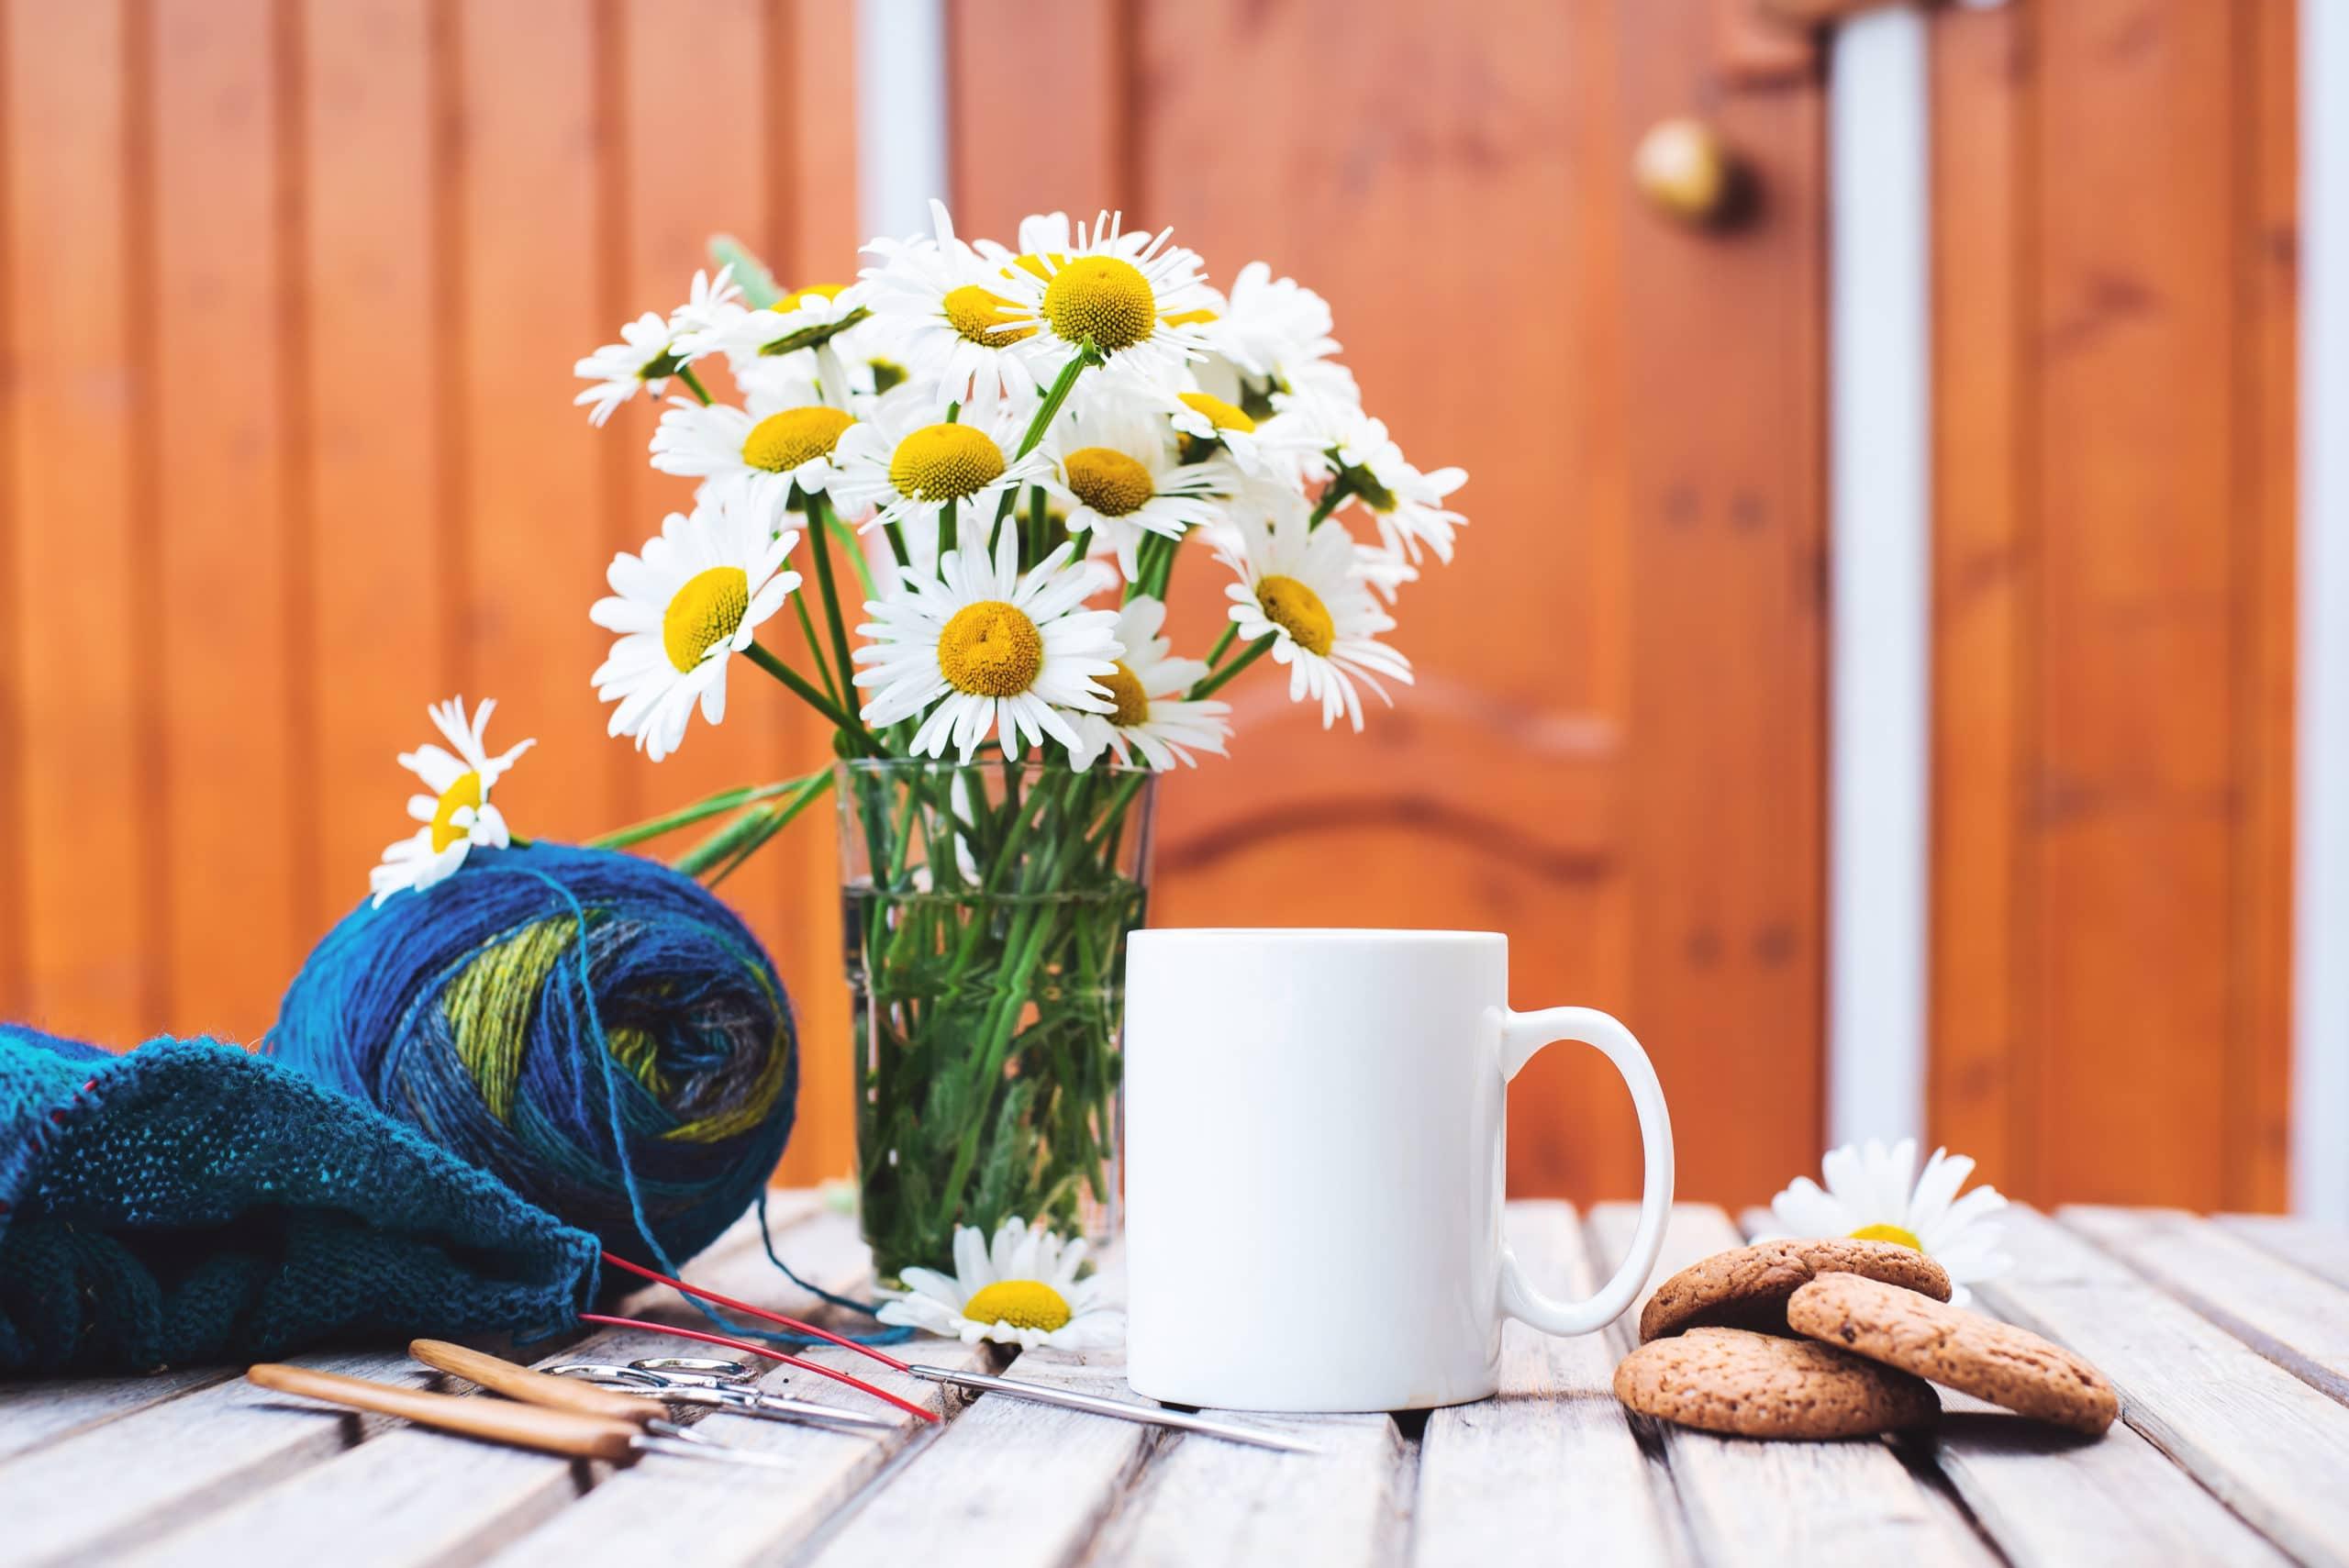 passe-temps de femmes. Crochet et tricot. Espace de travail. Un bouquet de marguerites dans un vase, une tasse blanche avec une boisson, des biscuits, des boules de laine, des aiguilles, des ciseaux, des tricots, des crochets sur une table en bois dans une maison confortable.